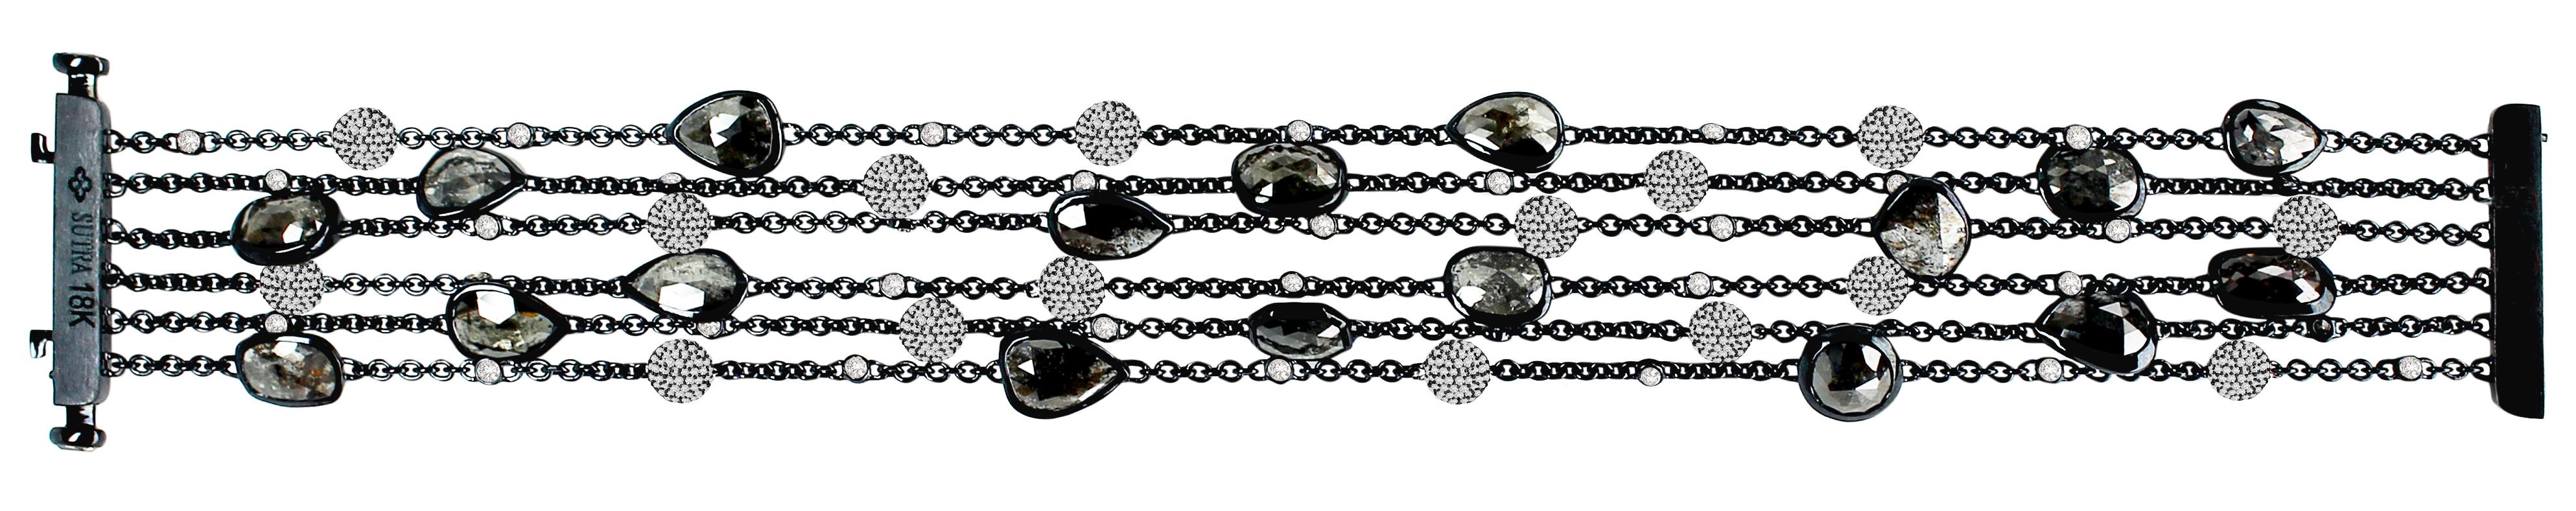 Sutra black diamond bracelet | JCK On Your Market